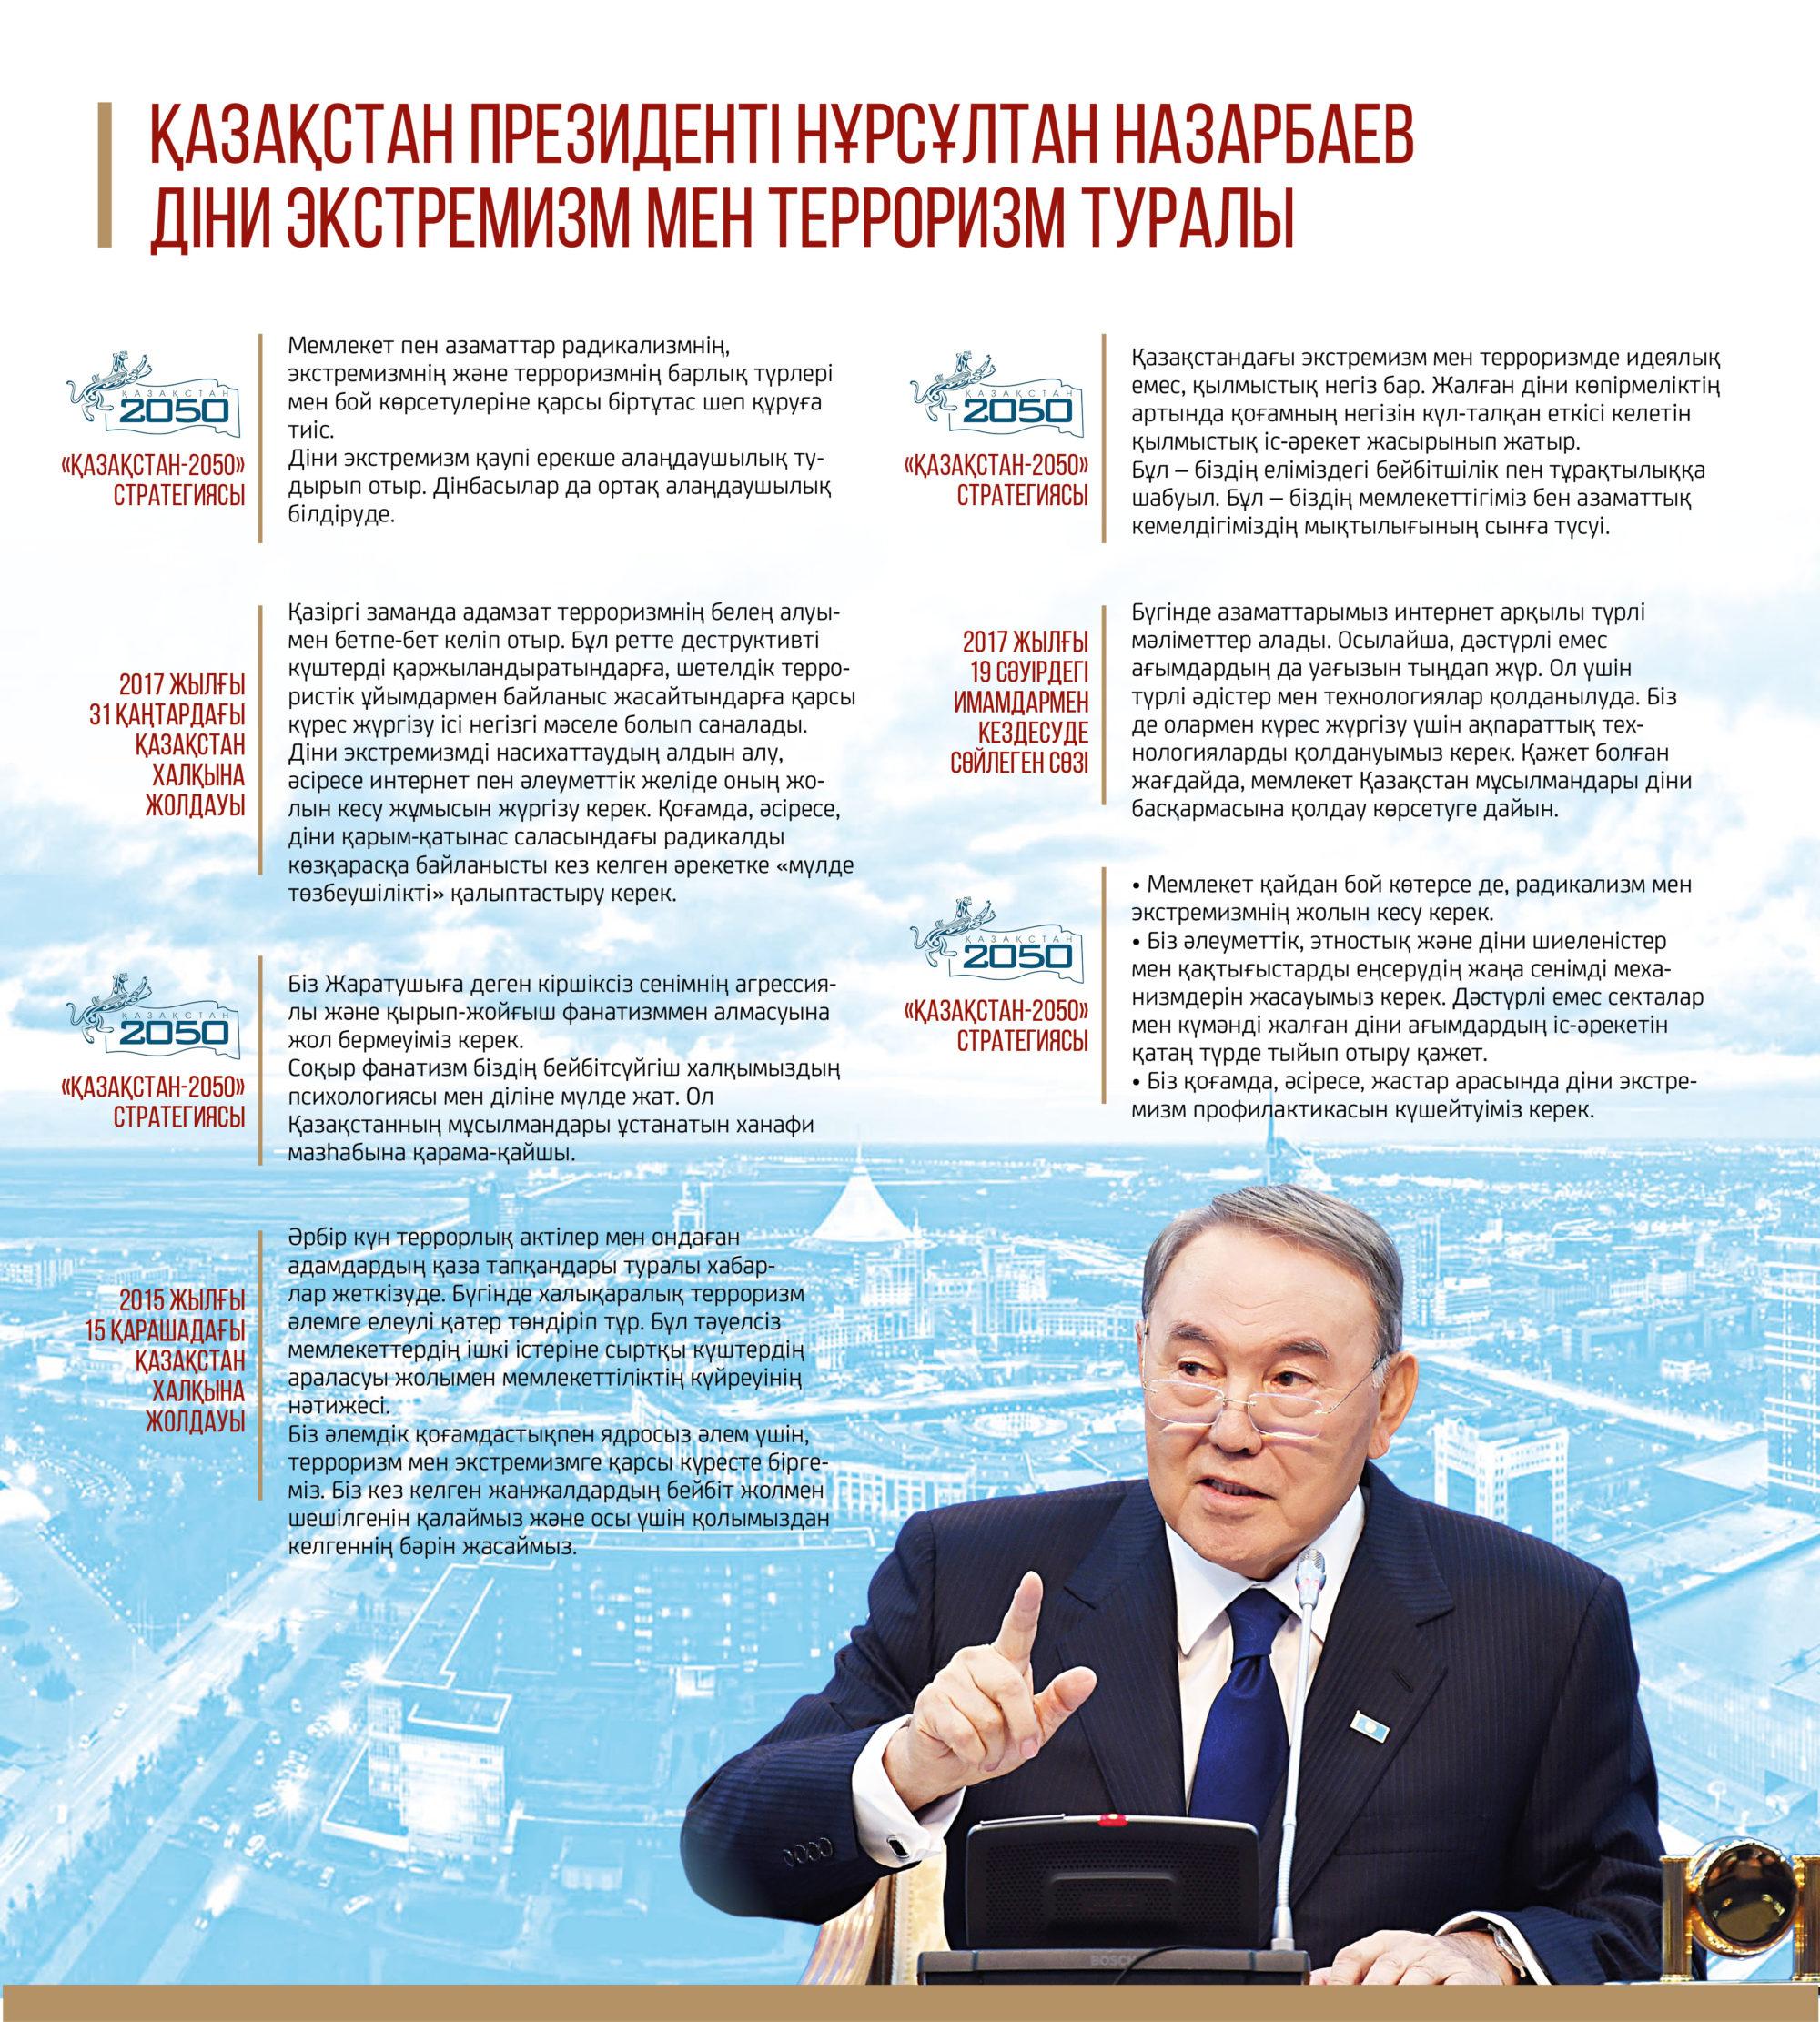 Нұрсұлтан Назарбаевтың діни экстремизм мен терроризм туралы айтқандары